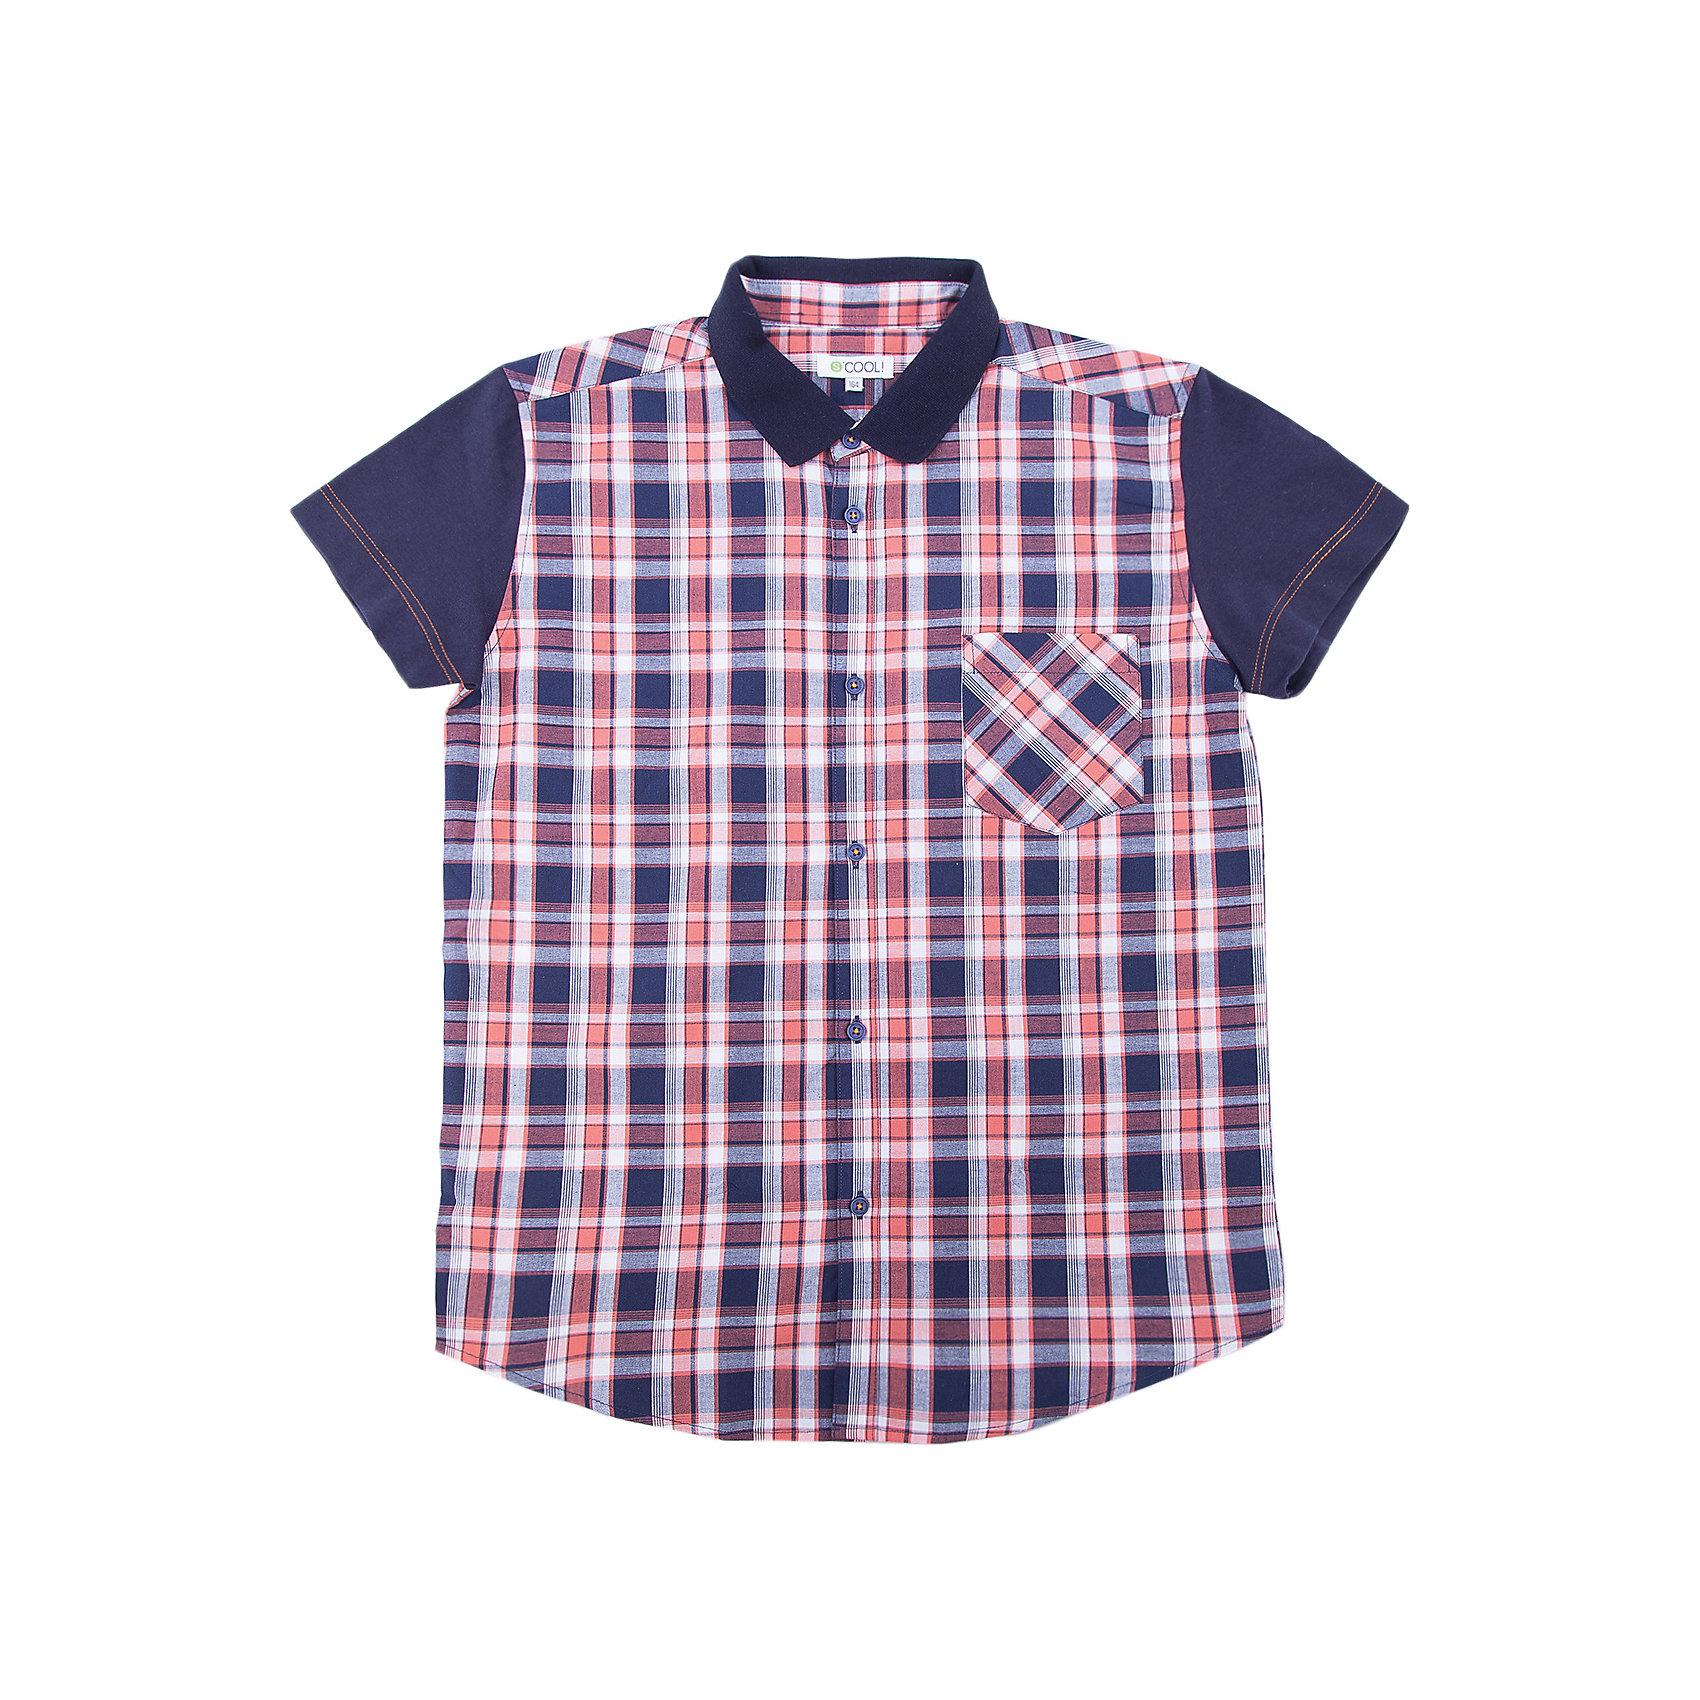 Рубашка для мальчика ScoolБлузки и рубашки<br>Характеристики товара:<br><br>• цвет: чёрный/красный<br>• состав: 100% хлопок<br>• отложной воротник<br>• застежка: пуговицы<br>• накладной карман на груди<br>• страна бренда: Германия<br>• страна производства: Китай<br><br>Рубашка в клетку для мальчика Scool. Эффектная рубашка с коротким рукавом для мальчика в стиле кантри.  Практична и очень удобна для повседневной носки. Ткань  мягкая и приятная на ощупь, не раздражает нежную детскую кожу. Рубашка с отложным воротничком и накладным карманом.<br><br>Сорочку для мальчика от известного бренда Scool можно купить в нашем интернет-магазине.<br><br>Ширина мм: 356<br>Глубина мм: 10<br>Высота мм: 245<br>Вес г: 519<br>Цвет: белый<br>Возраст от месяцев: 156<br>Возраст до месяцев: 168<br>Пол: Мужской<br>Возраст: Детский<br>Размер: 164,134,140,146,152,158<br>SKU: 5406665